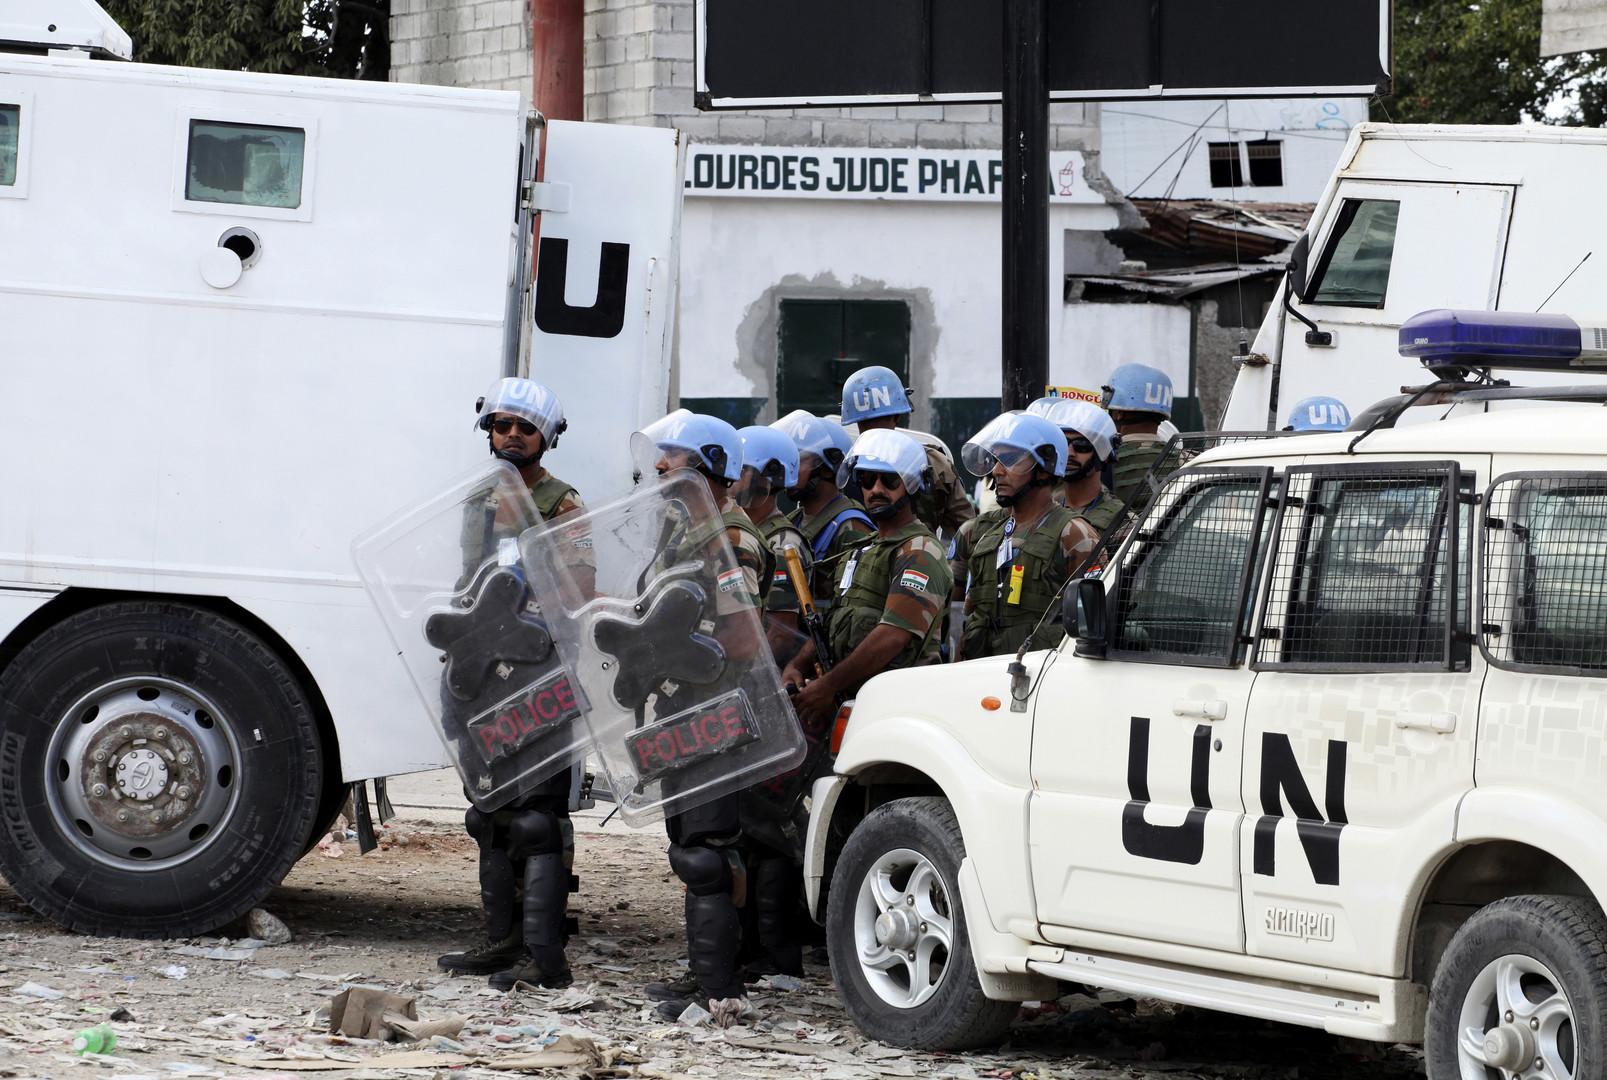 Haïti : des casques bleus achèteraient des relations sexuelles avec de la nourriture